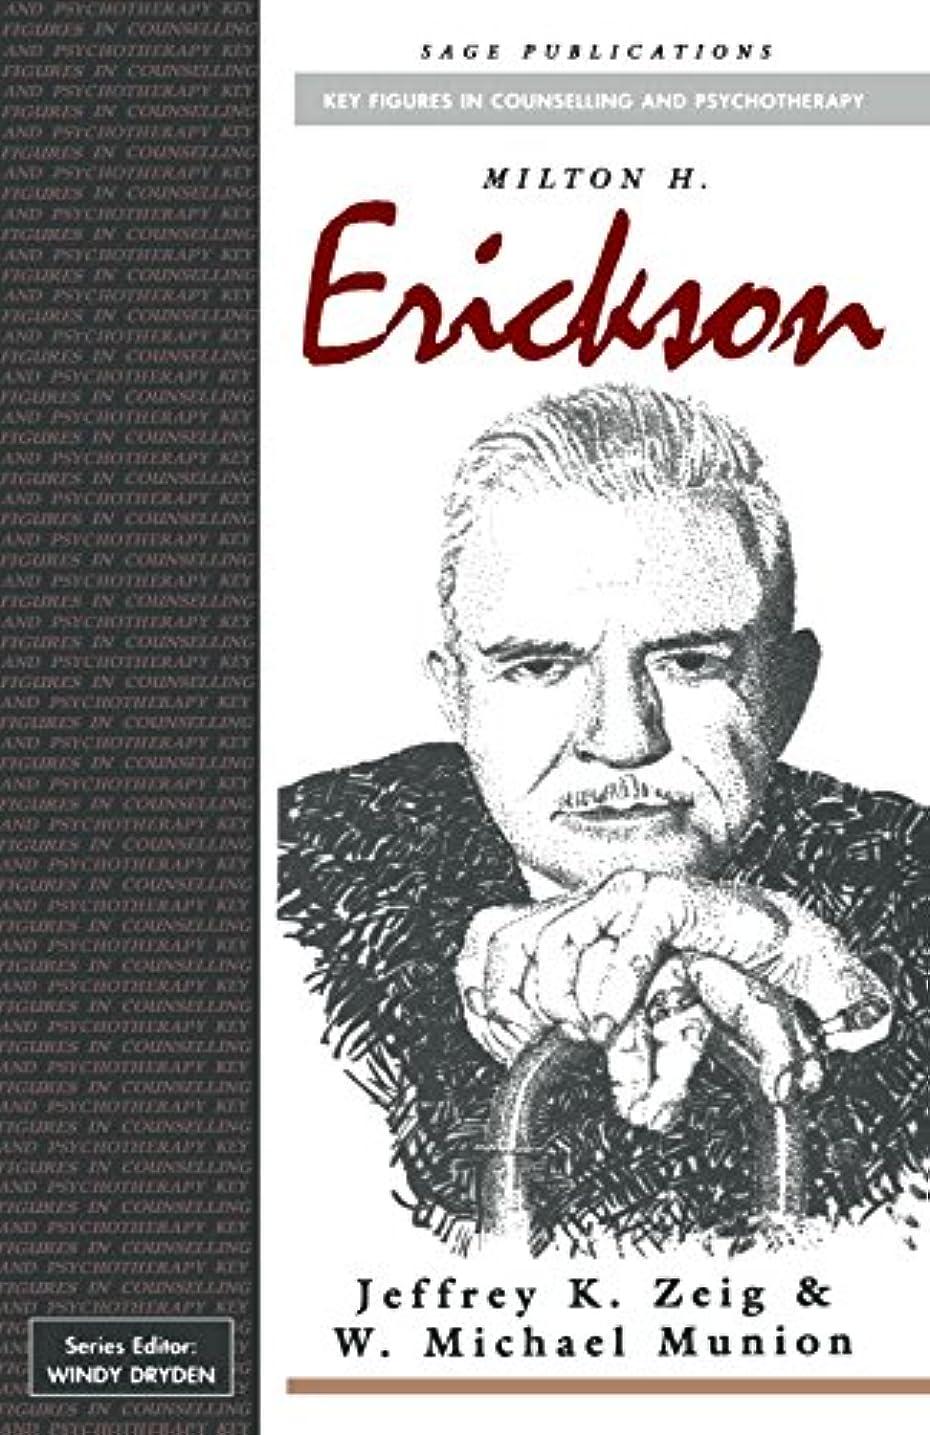 その他矛盾病的Milton H Erickson (Key Figures in Counselling and Psychotherapy series)